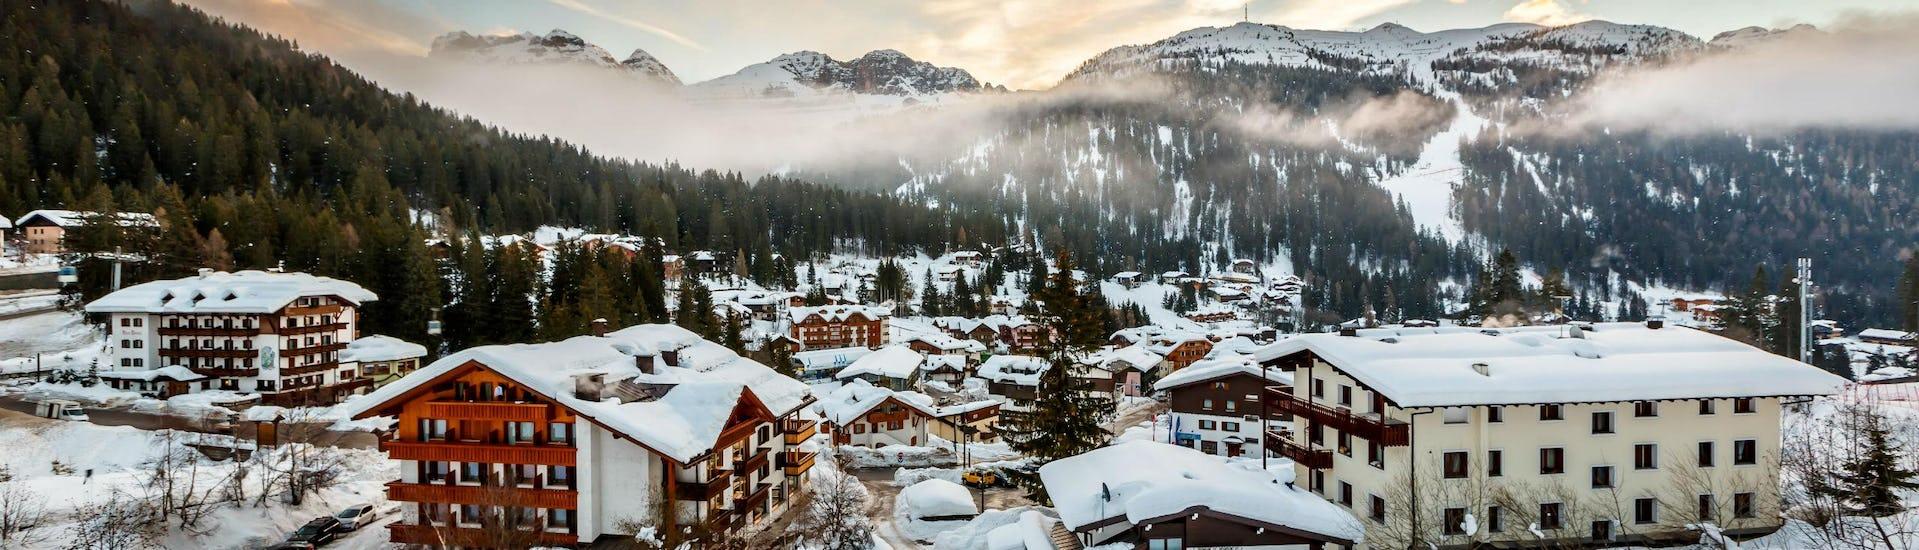 Immagine del sole che tramonta dietro le montagne nel comprensorio sciistico italiano di Madonna di Campiglio, dove i visitatori possono imparare a sciare durante le lezioni di sci impartite dalle scuole sci locali.